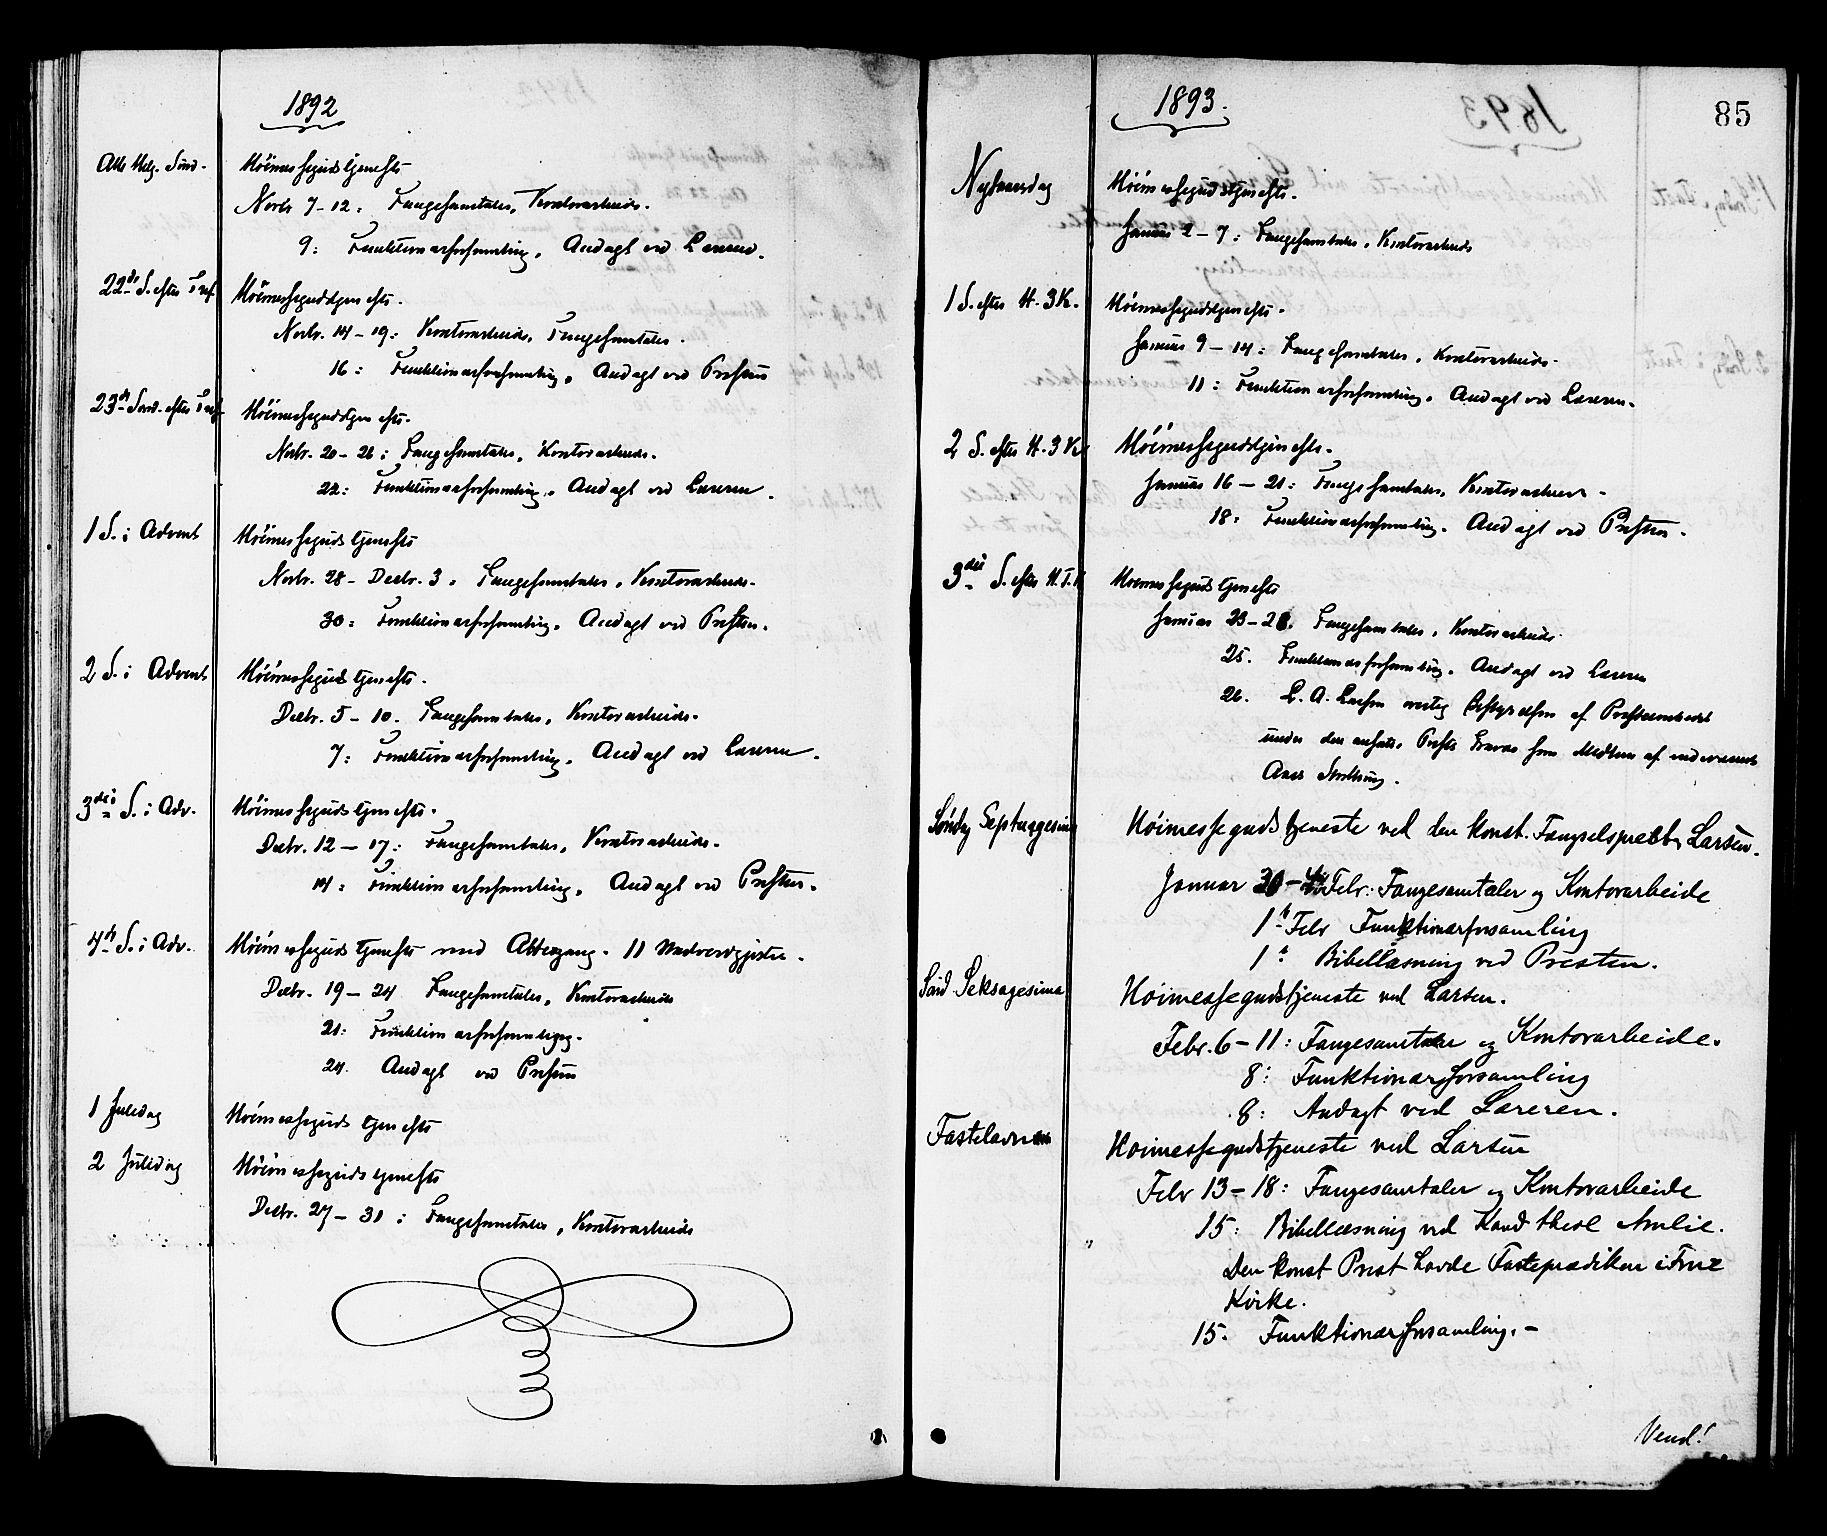 SAT, Ministerialprotokoller, klokkerbøker og fødselsregistre - Sør-Trøndelag, 624/L0482: Ministerialbok nr. 624A03, 1870-1918, s. 85